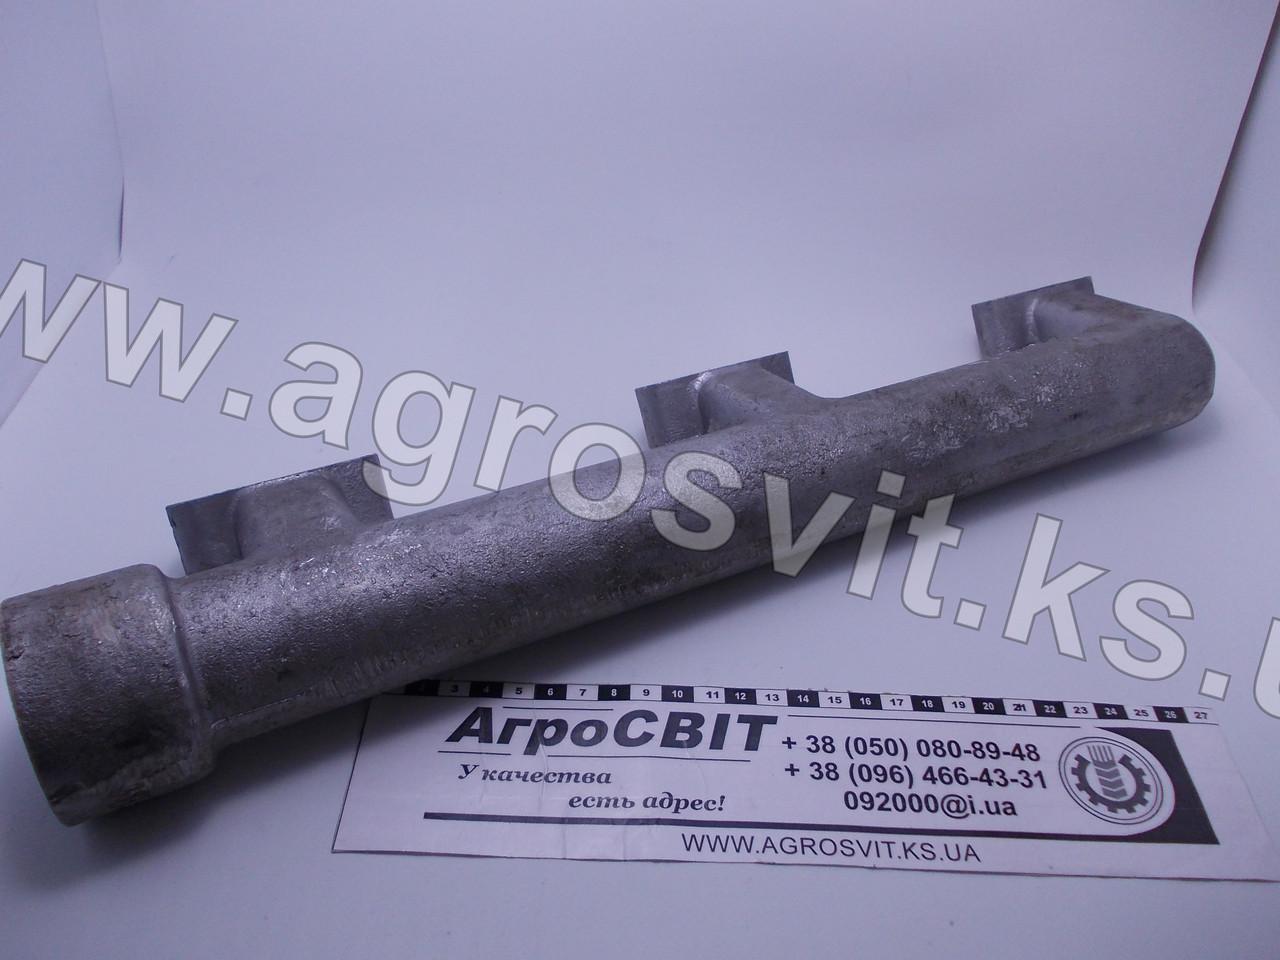 Коллектор (патрубок) водяной задний правый ЯМЗ-240 БМ2, НМ2, ПМ2, 240-1303112-Б